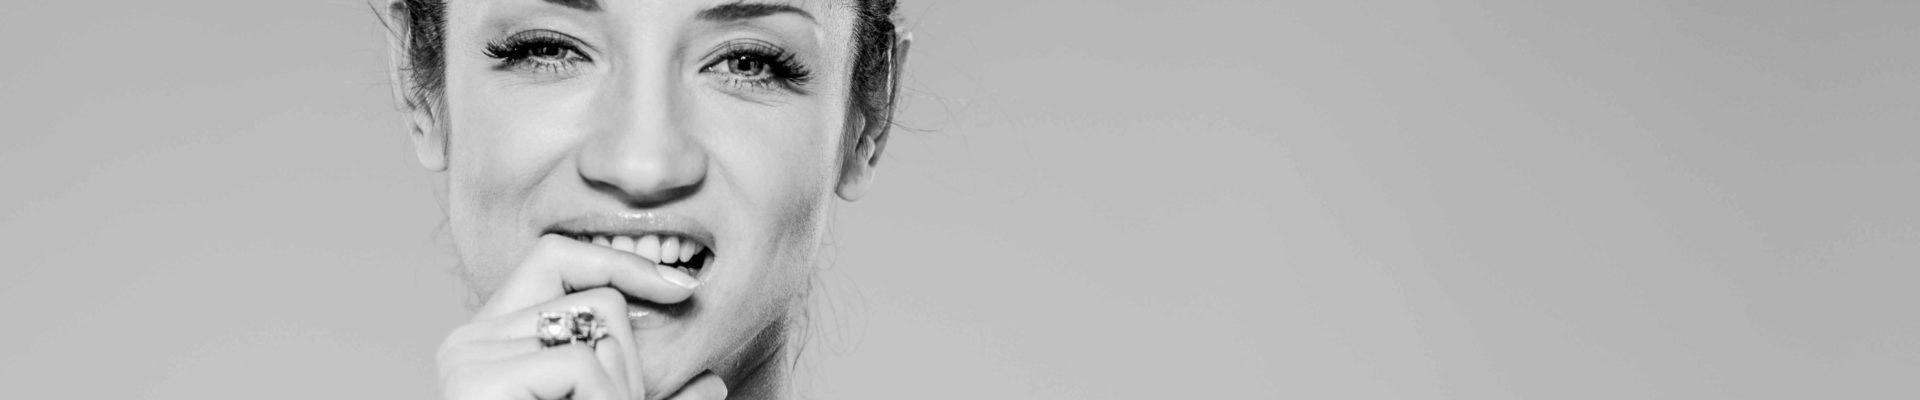 18428 1920x400 - Татьяна Денисова. Противоречивый образ: ветренная красавица или настоящий трудоголик